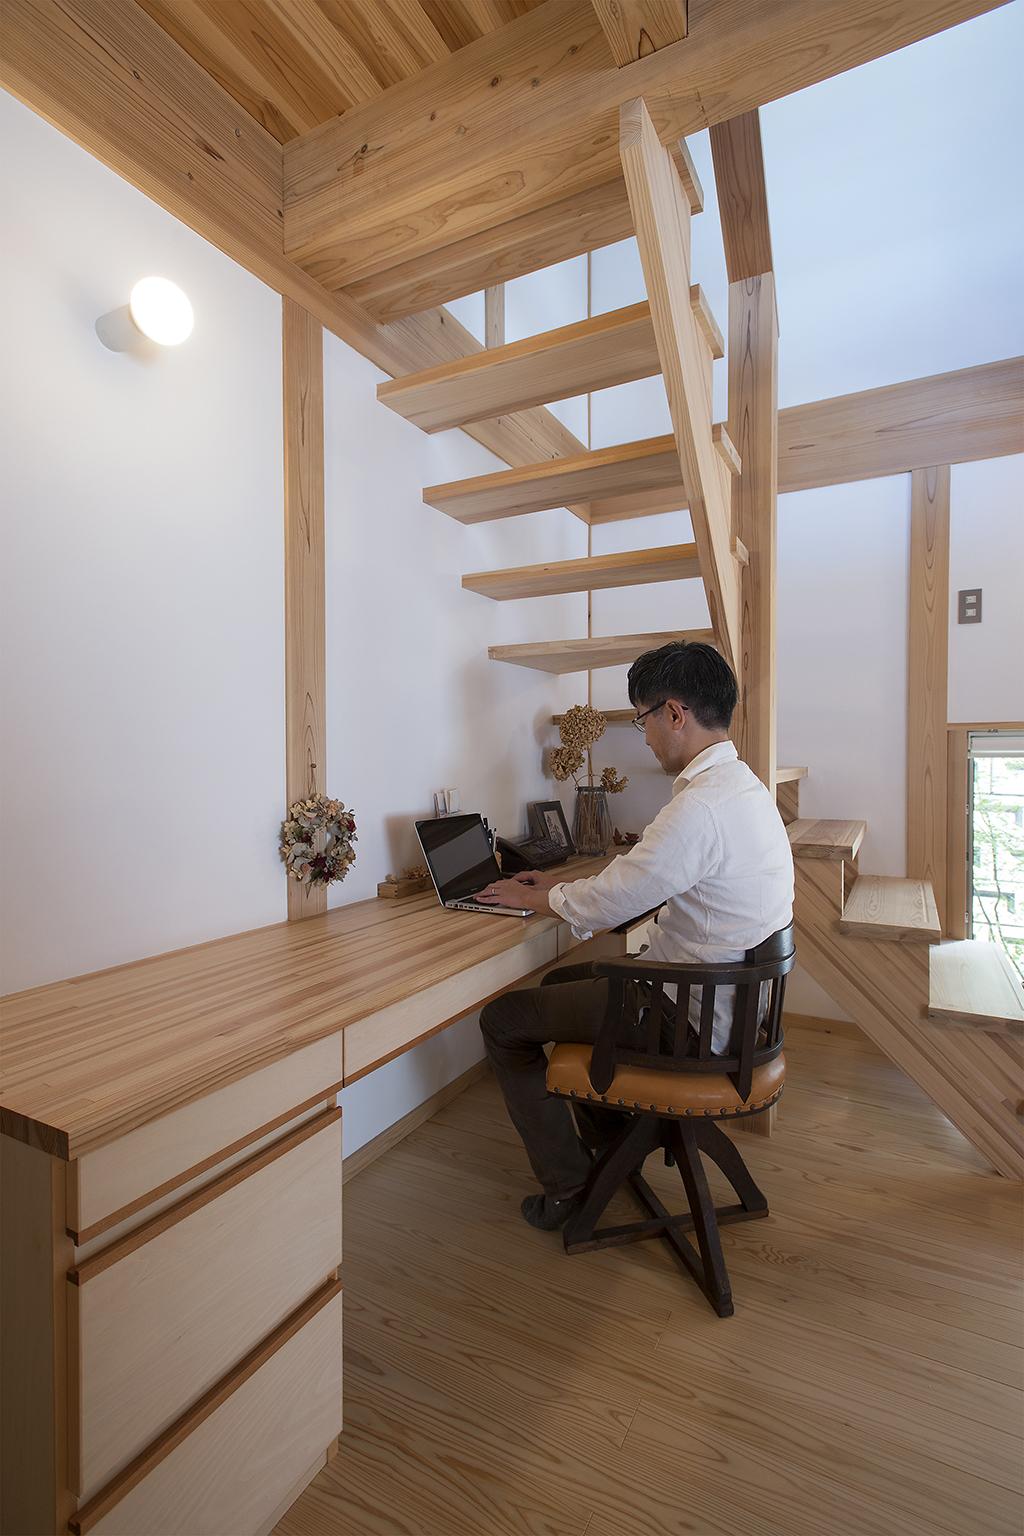 明石市の木の家 階段下のデスク